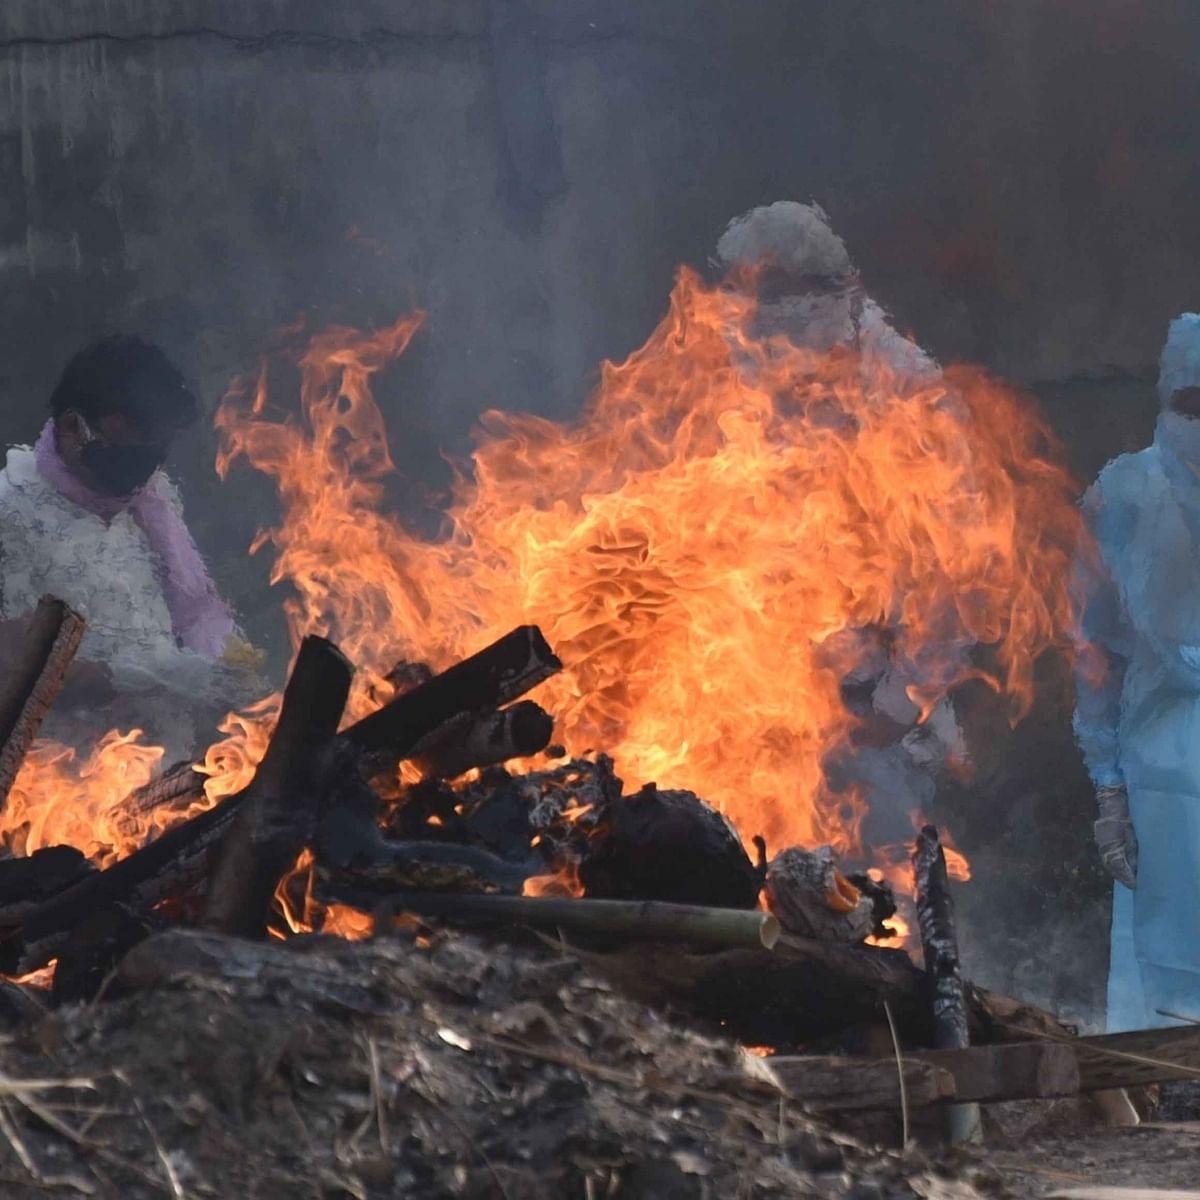 کورونا کے جان گنوانے والے افراد کی آخری رسومات / آئی اے این ایس